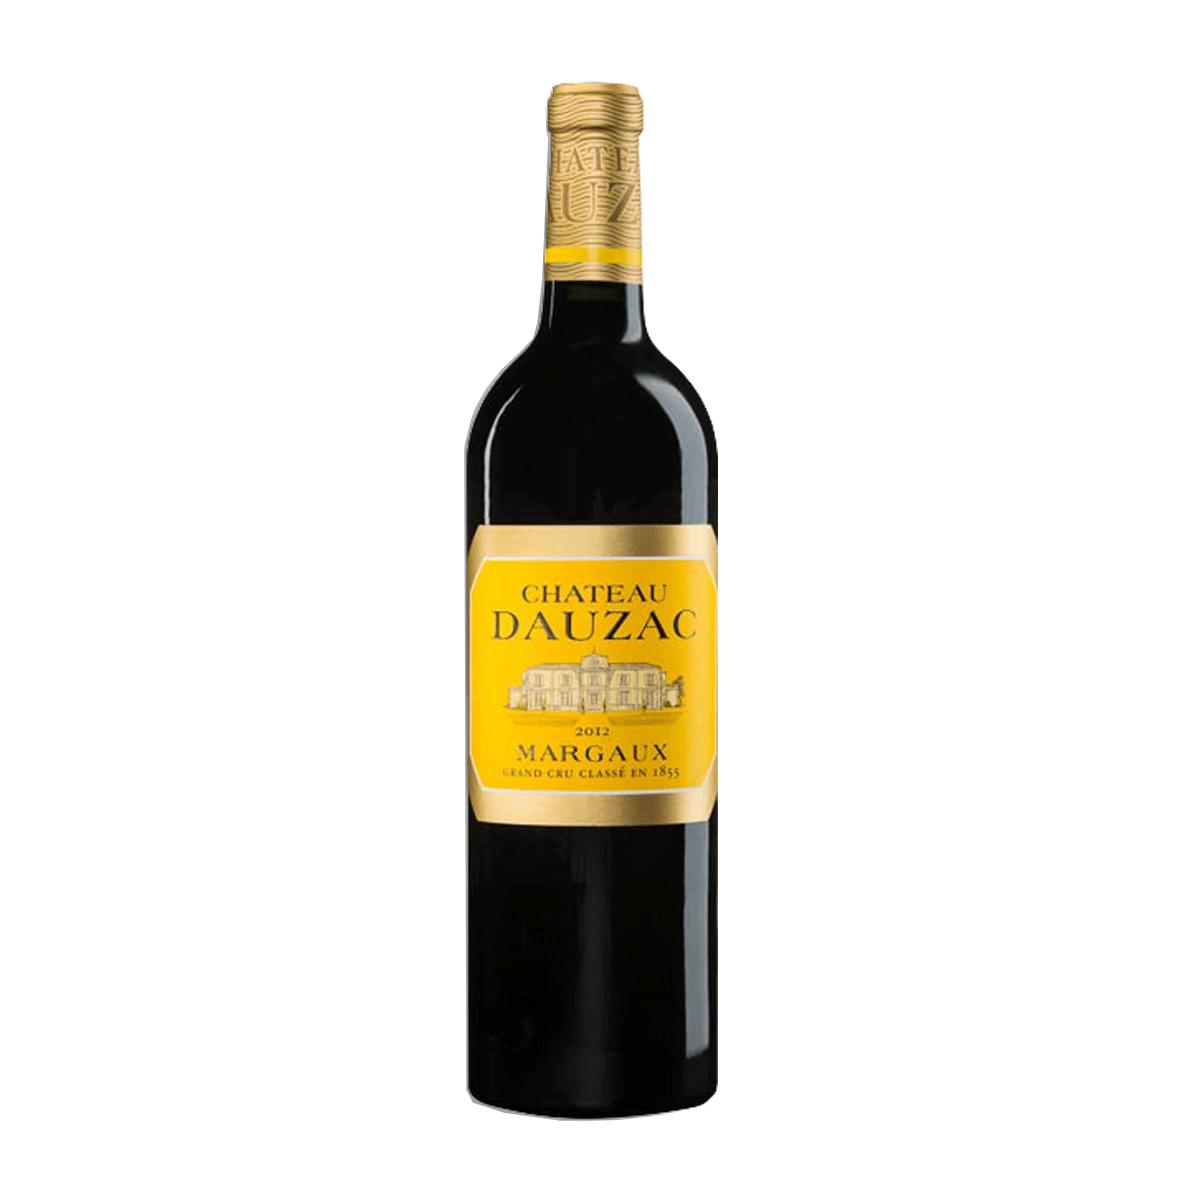 Chateau Dauzac Francúzske víno Margaux Grand Cru Classe